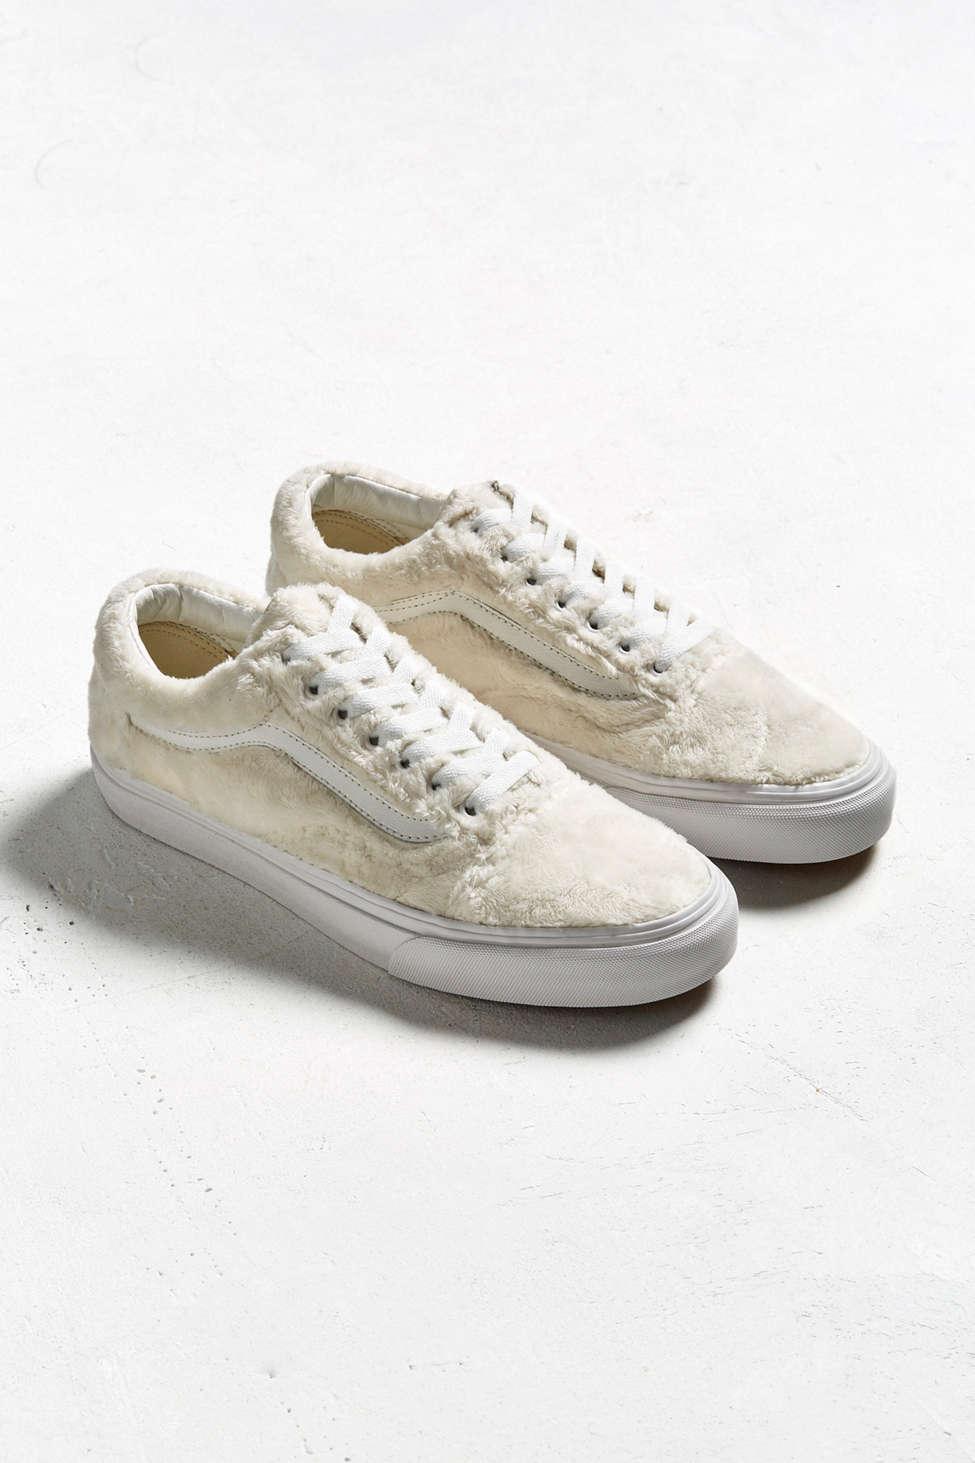 Womens Old Skool Sherpa Sneakers Vans